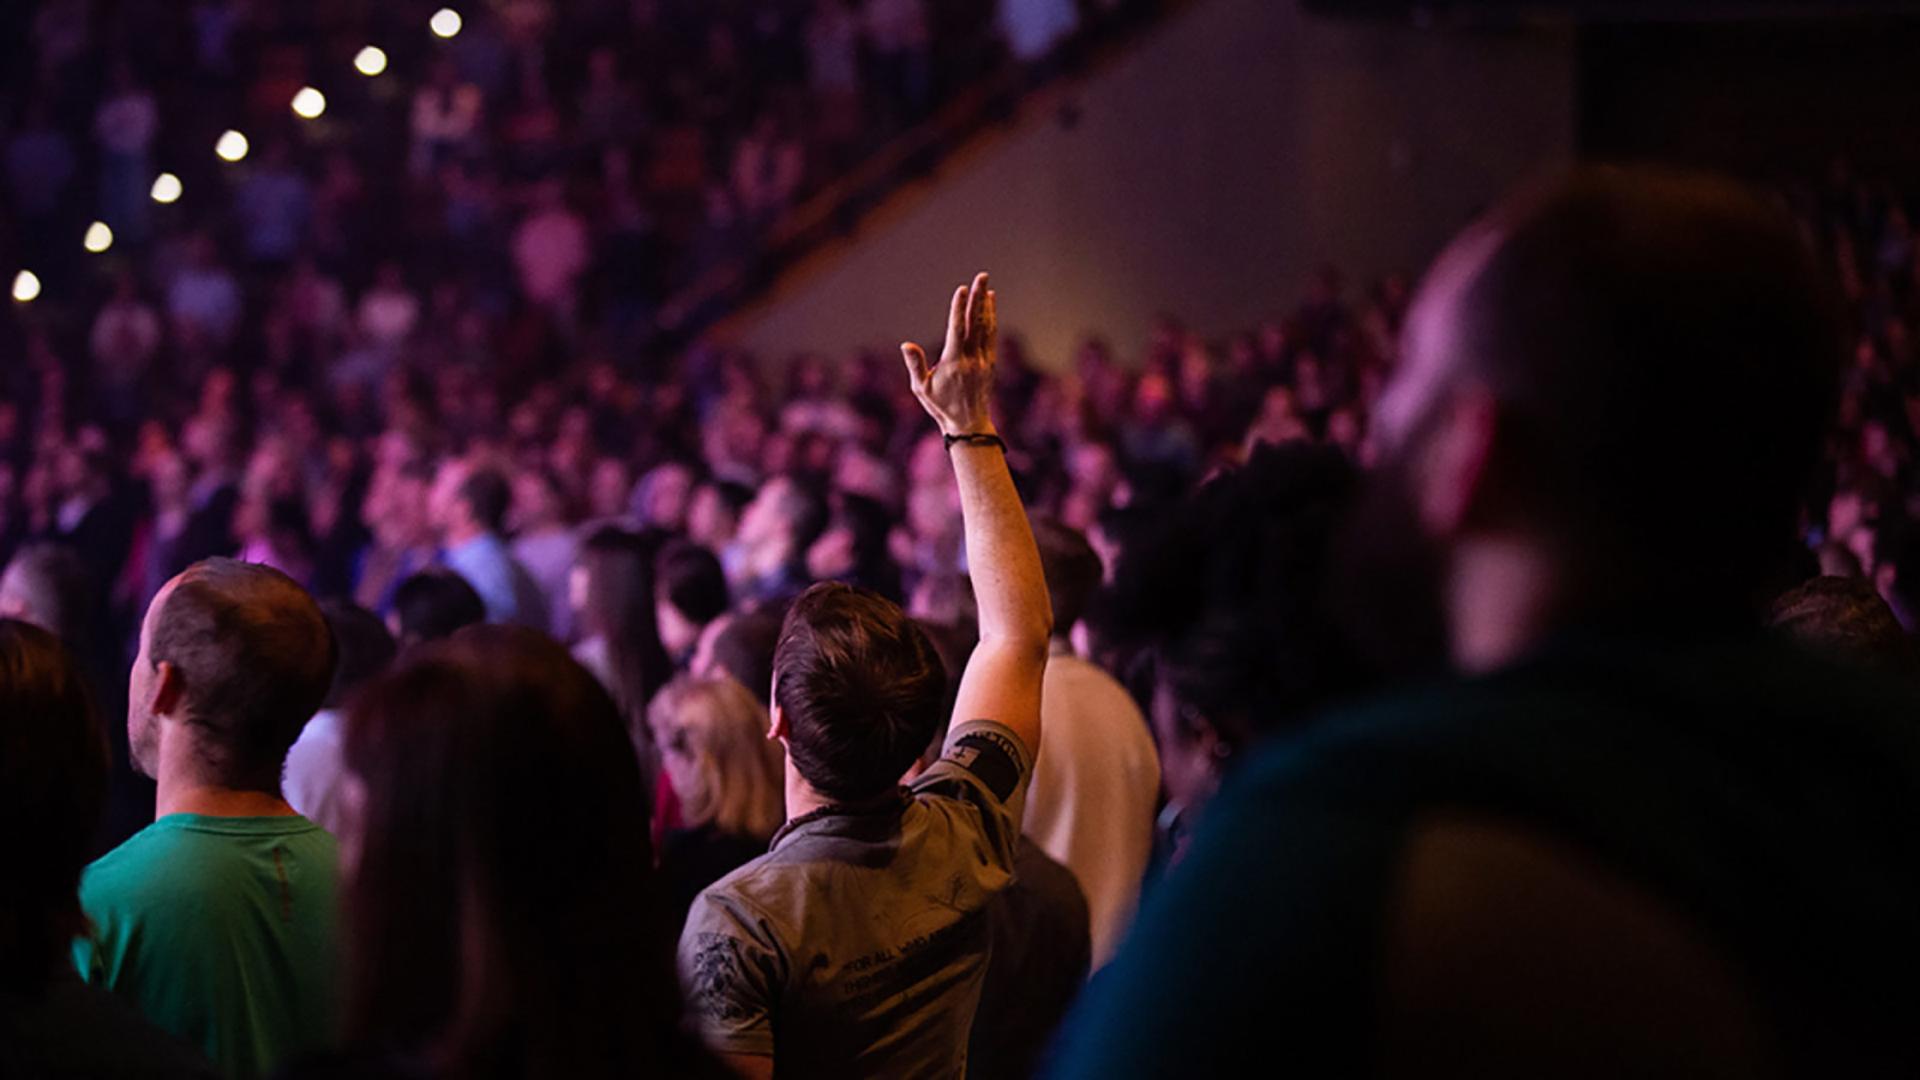 Should We Sing Worship Songs by Bethel? Hero Image